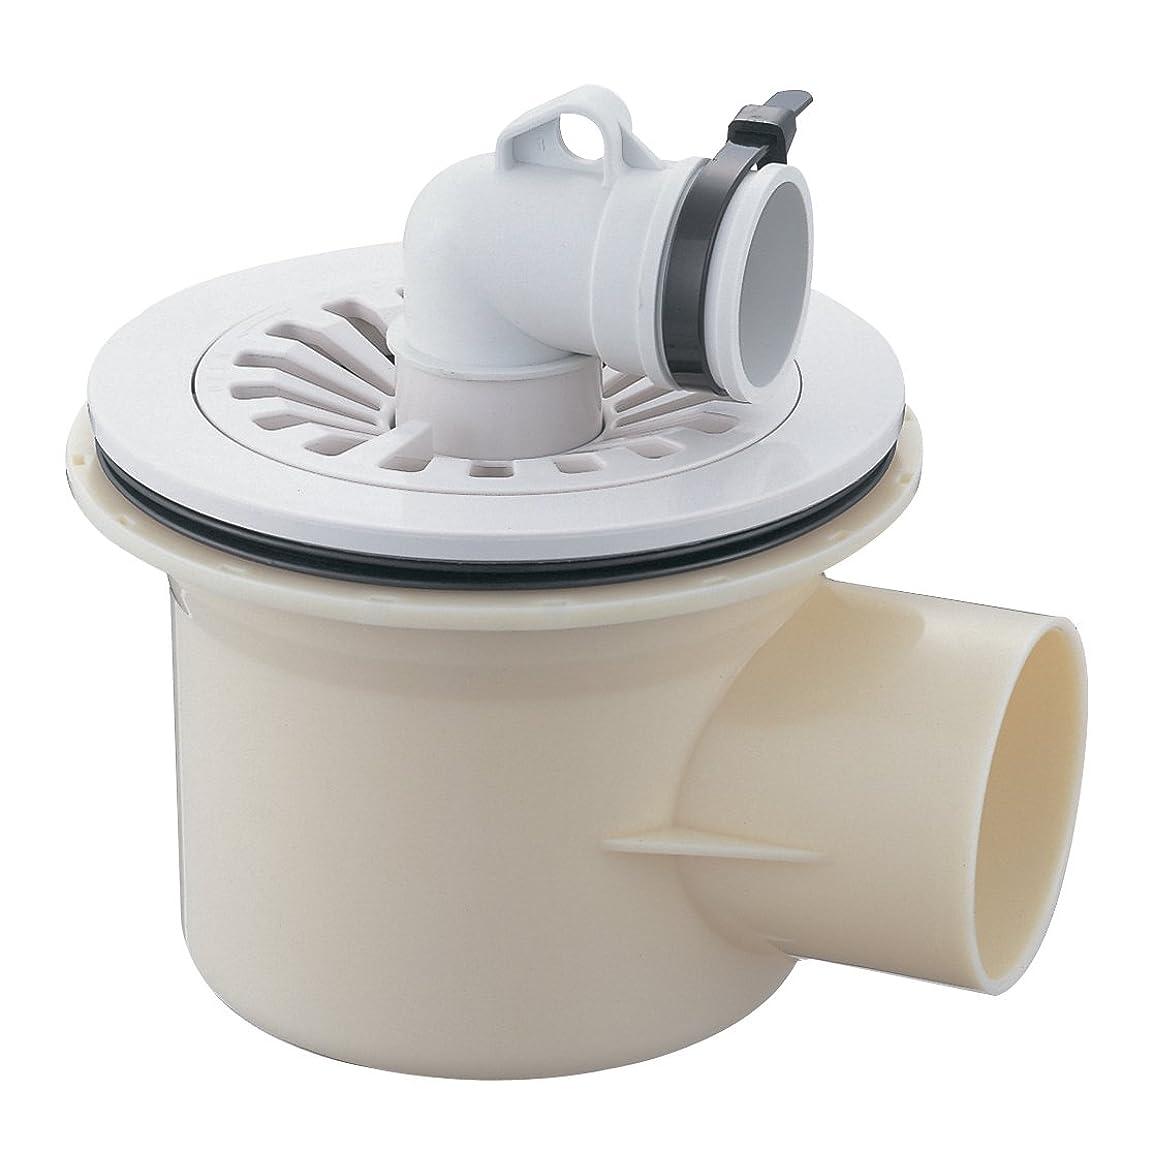 遺体安置所安定しました床を掃除するSANEI 【洗濯機ホース用の排水トラップ】洗濯機排水トラップ VP?VUパイプ兼用 横引き用 H5553-50